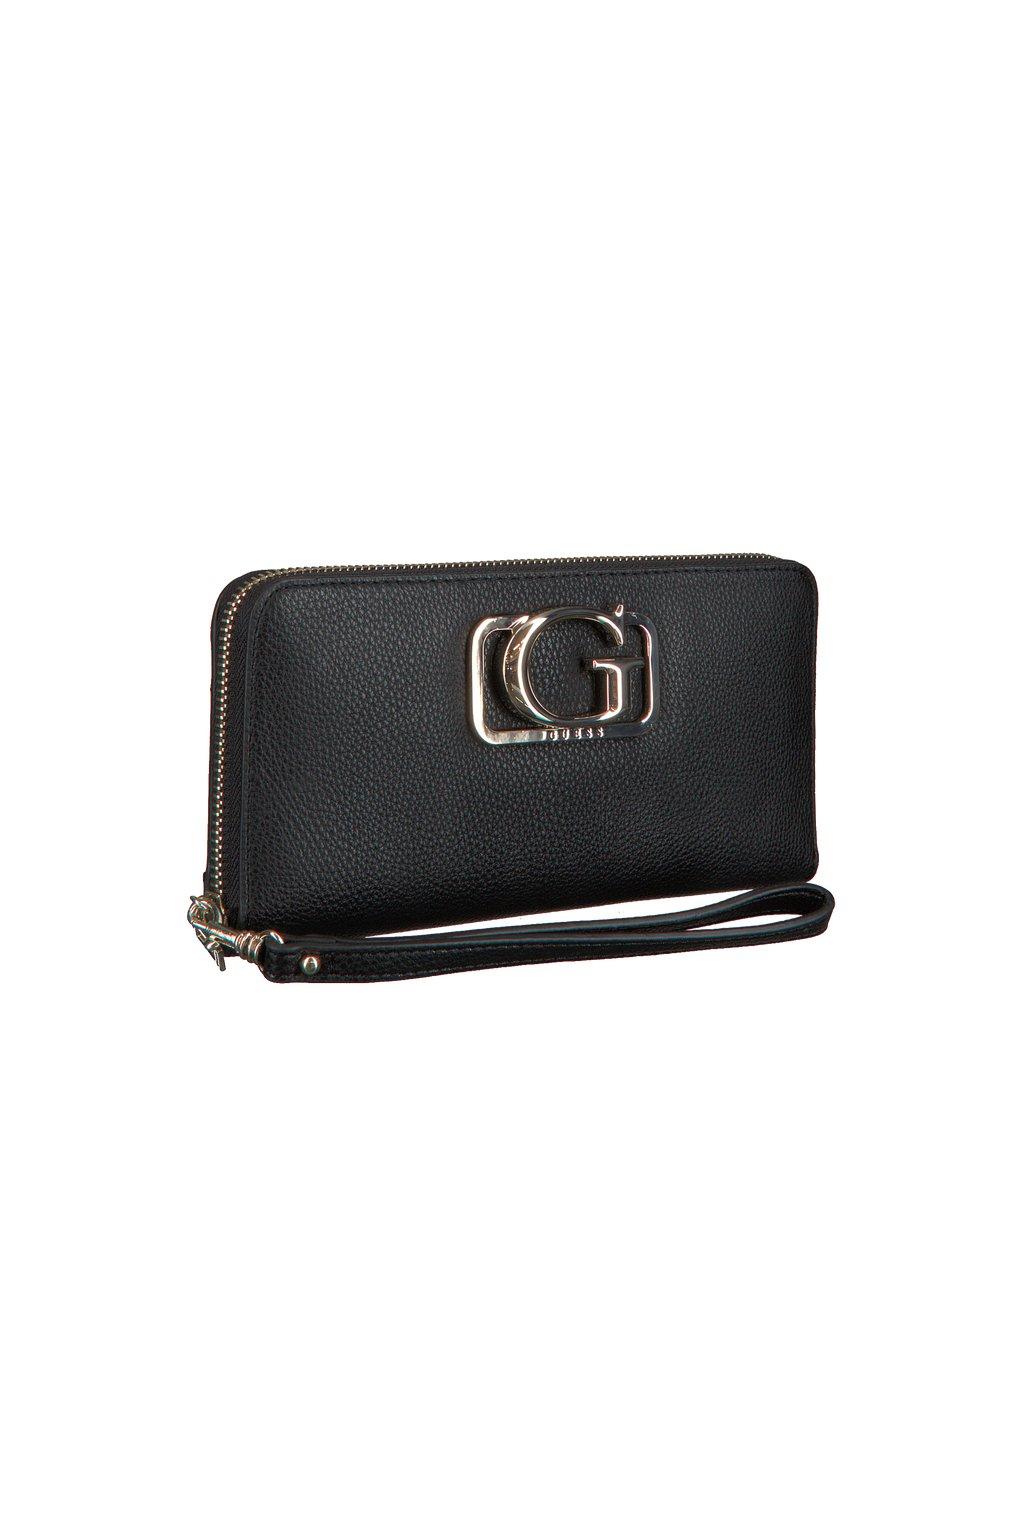 GUESS peněženka  ANNARITA SLG BLACK